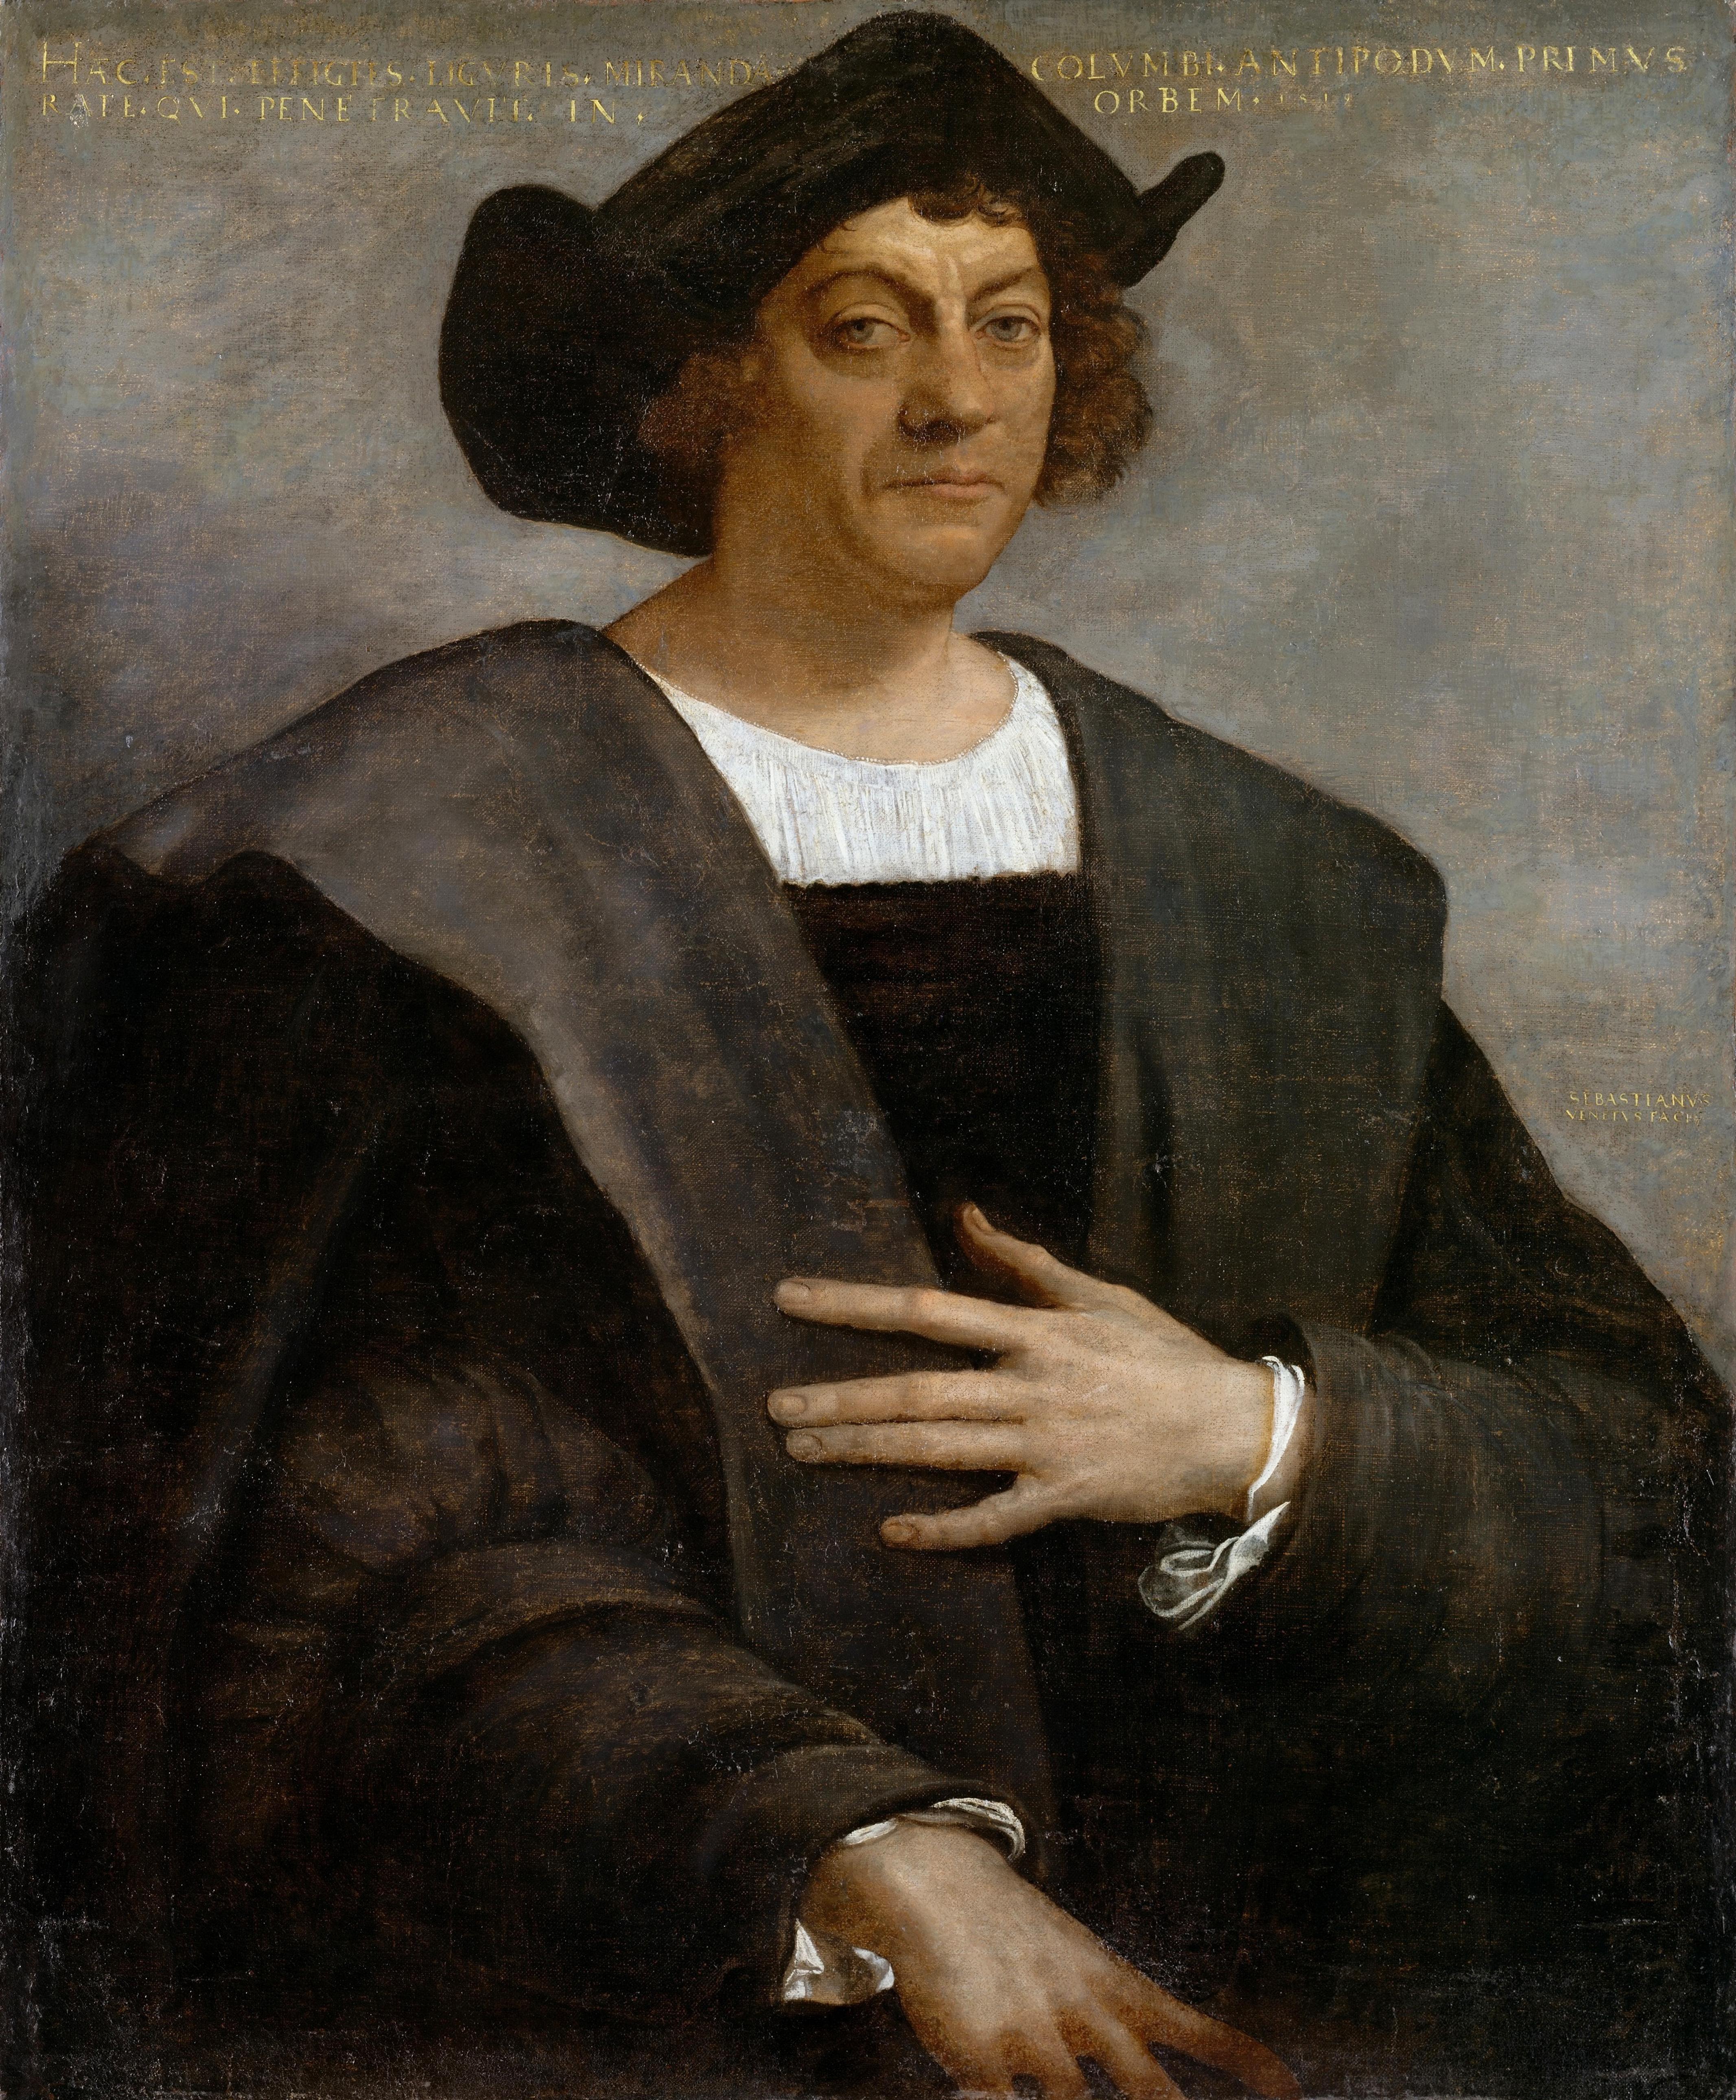 Veja tudo o que saiu no Migalhas sobre Cristóvão Colombo